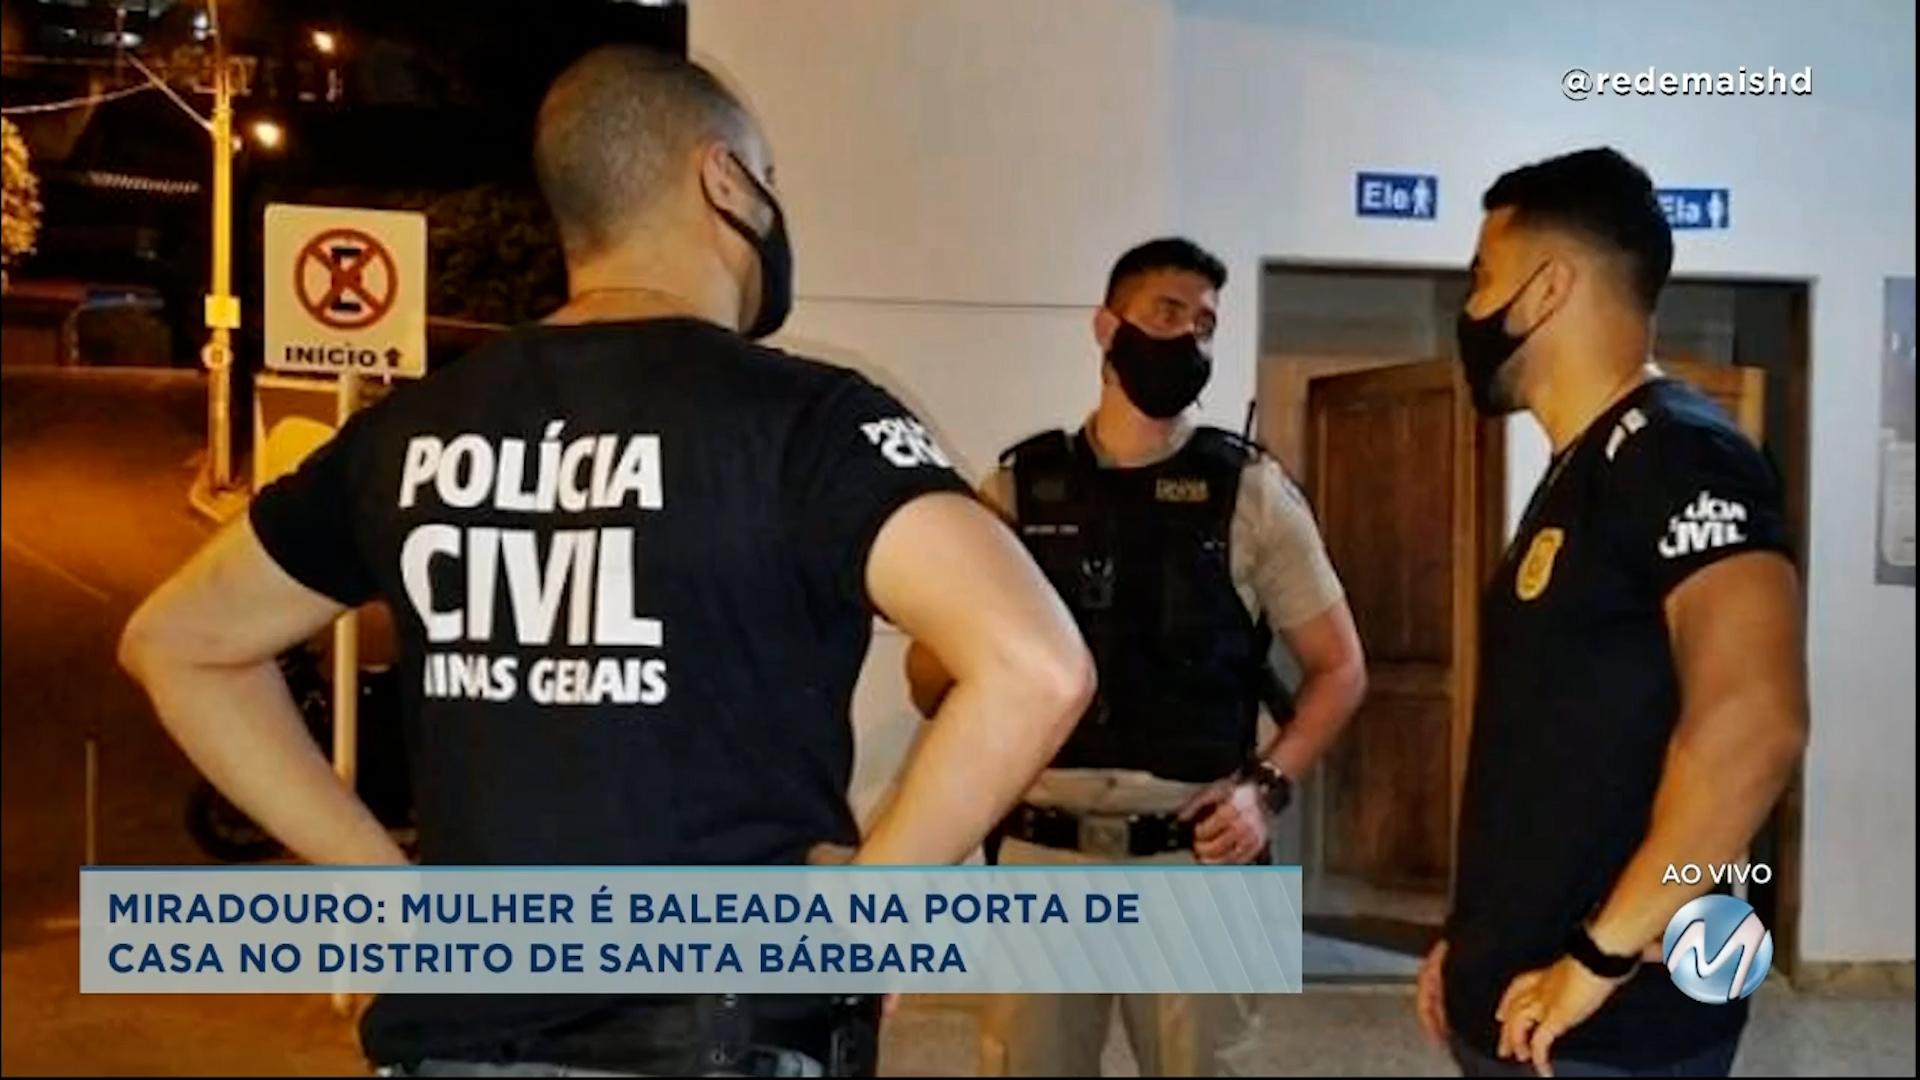 Miradouro: mulher é atingida com 5 tiros na porta de casa